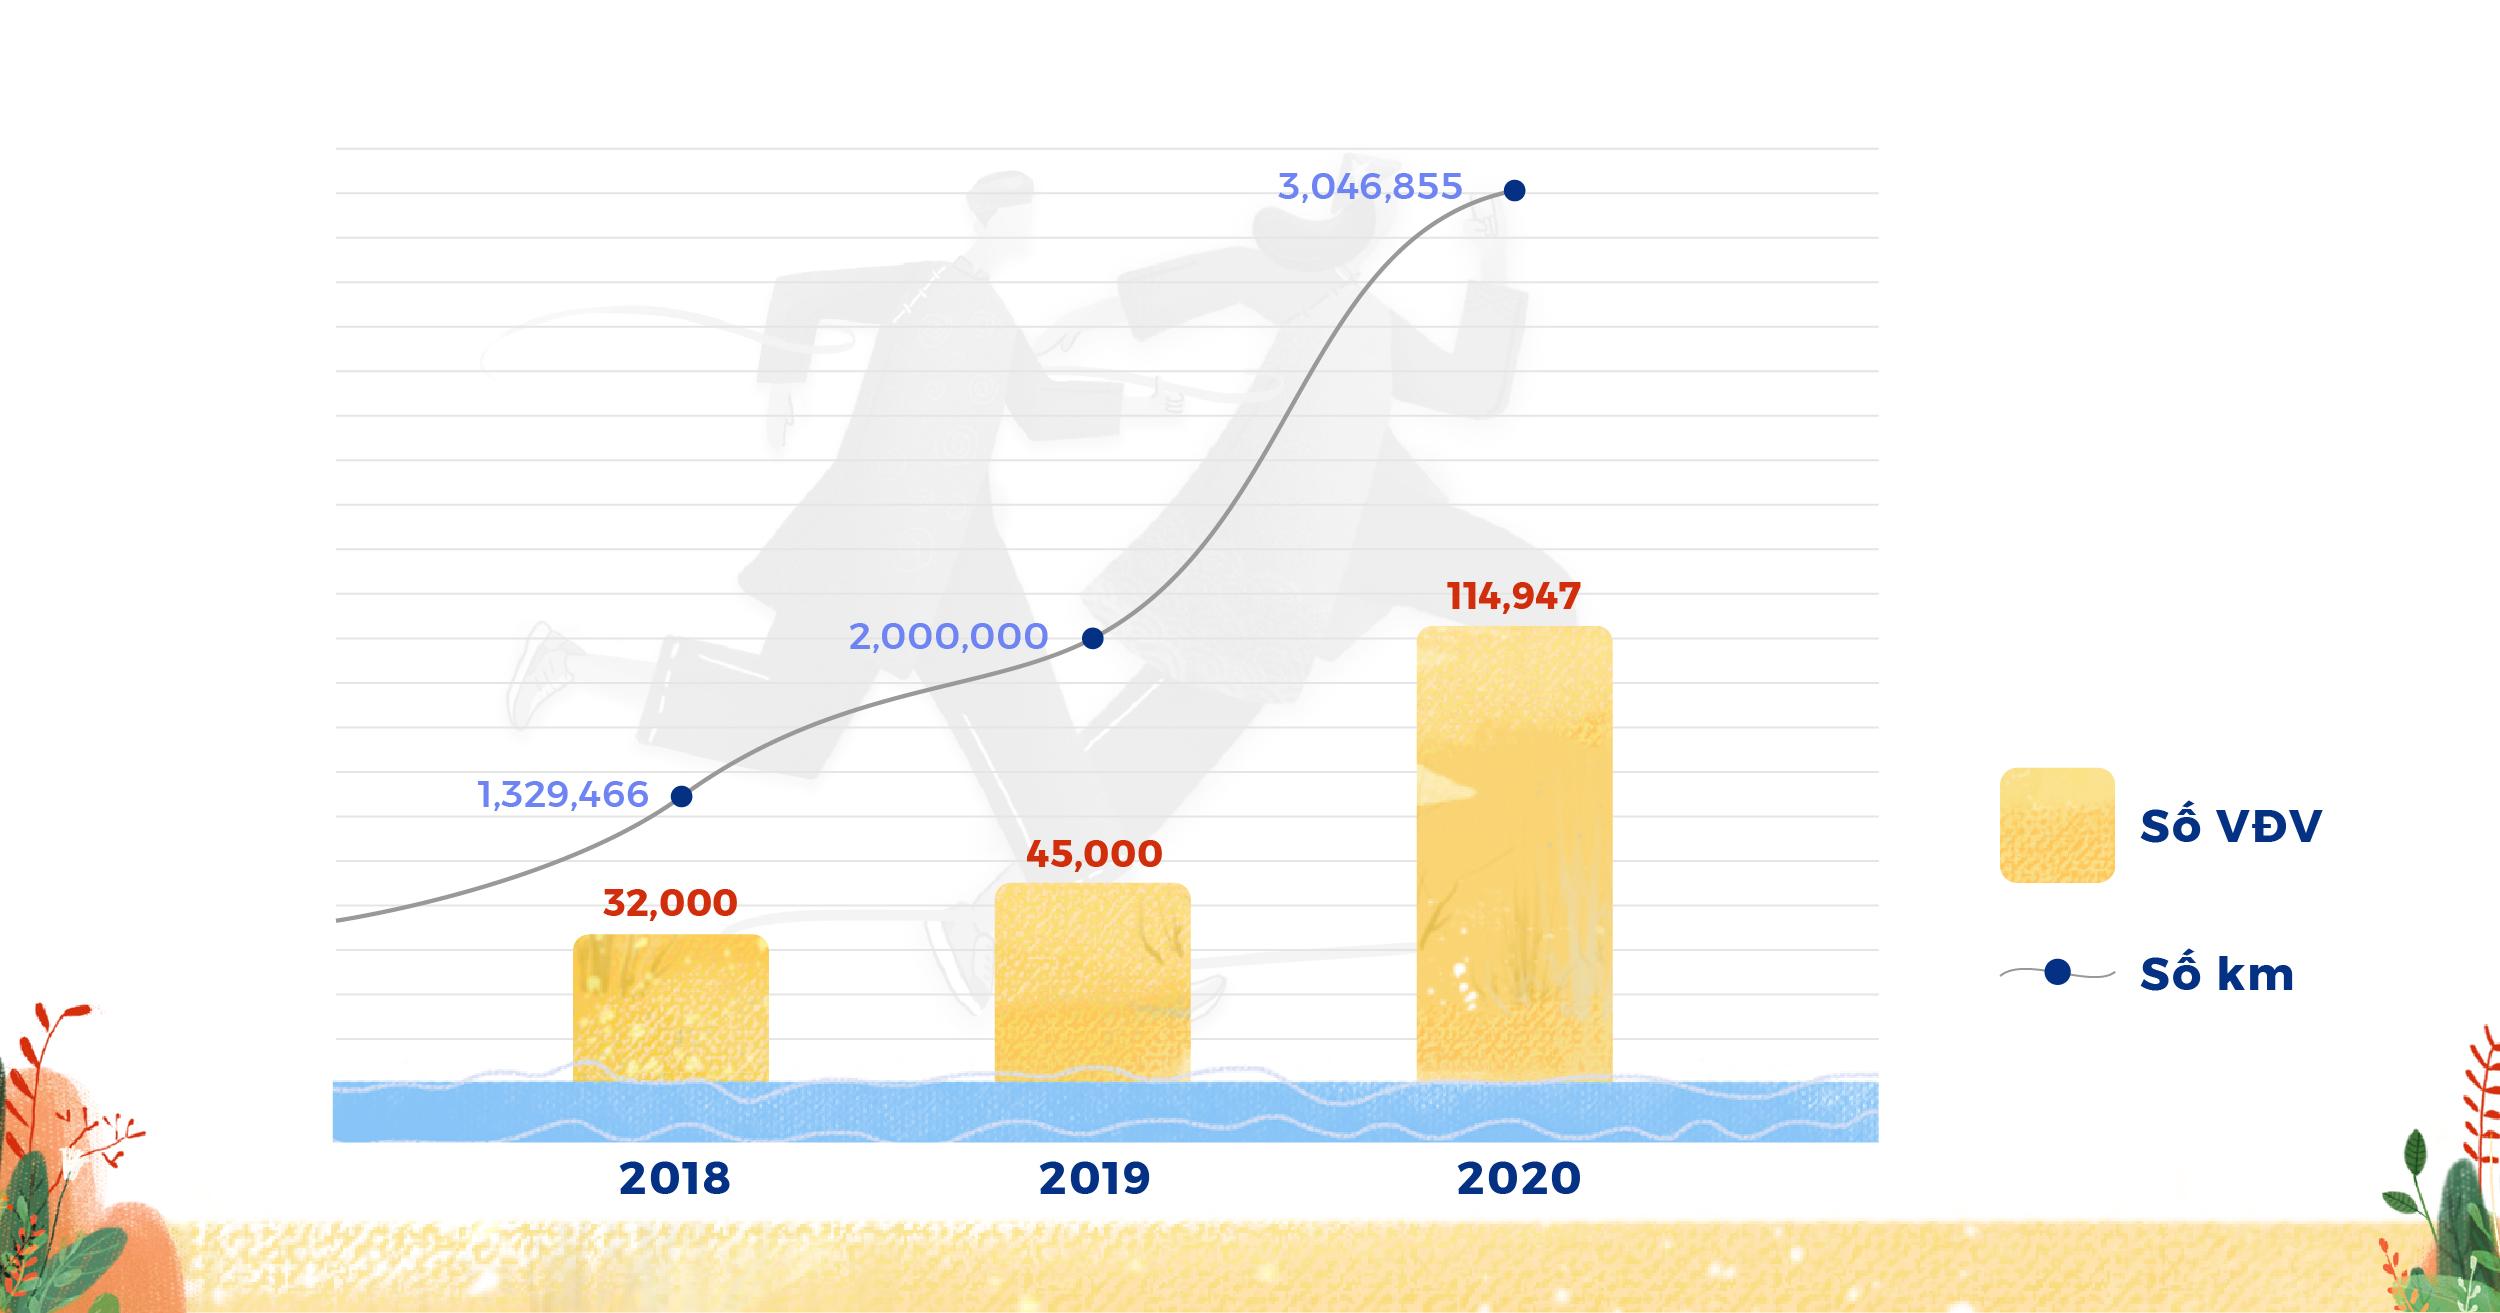 Giải chạy bộ online UpRace 2020 ủng hộ hơn 3 tỉ đồng cho cộng đồng - Ảnh 1.